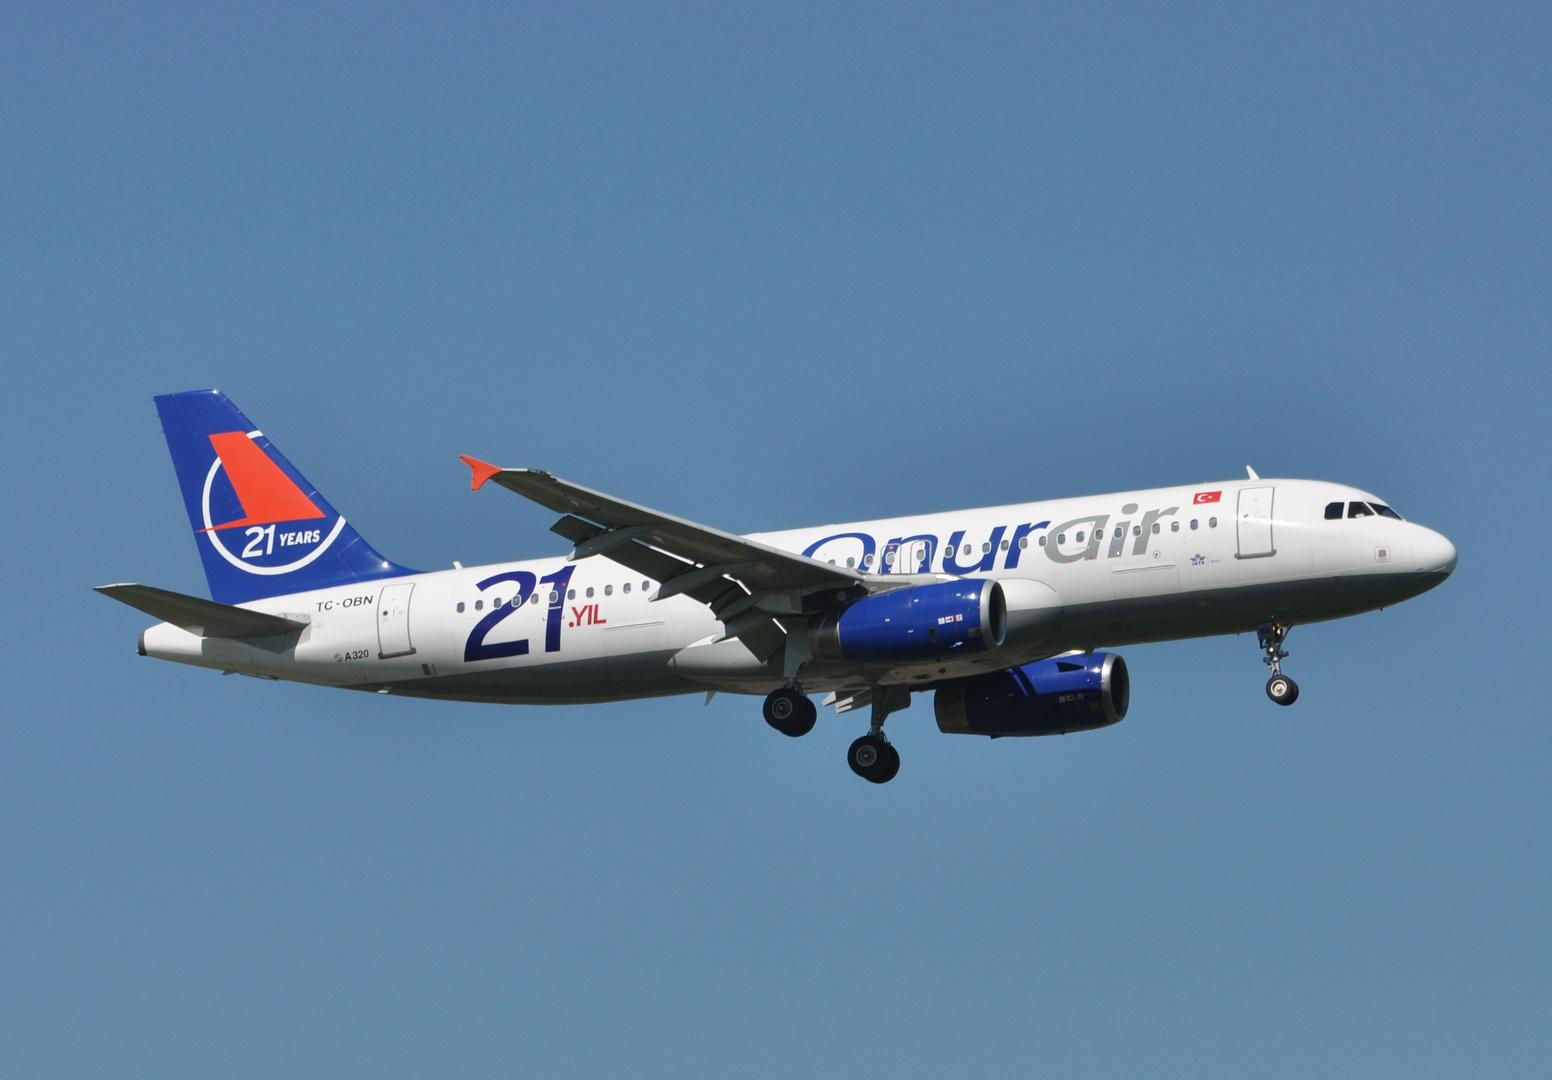 Onur Air TC-OBN